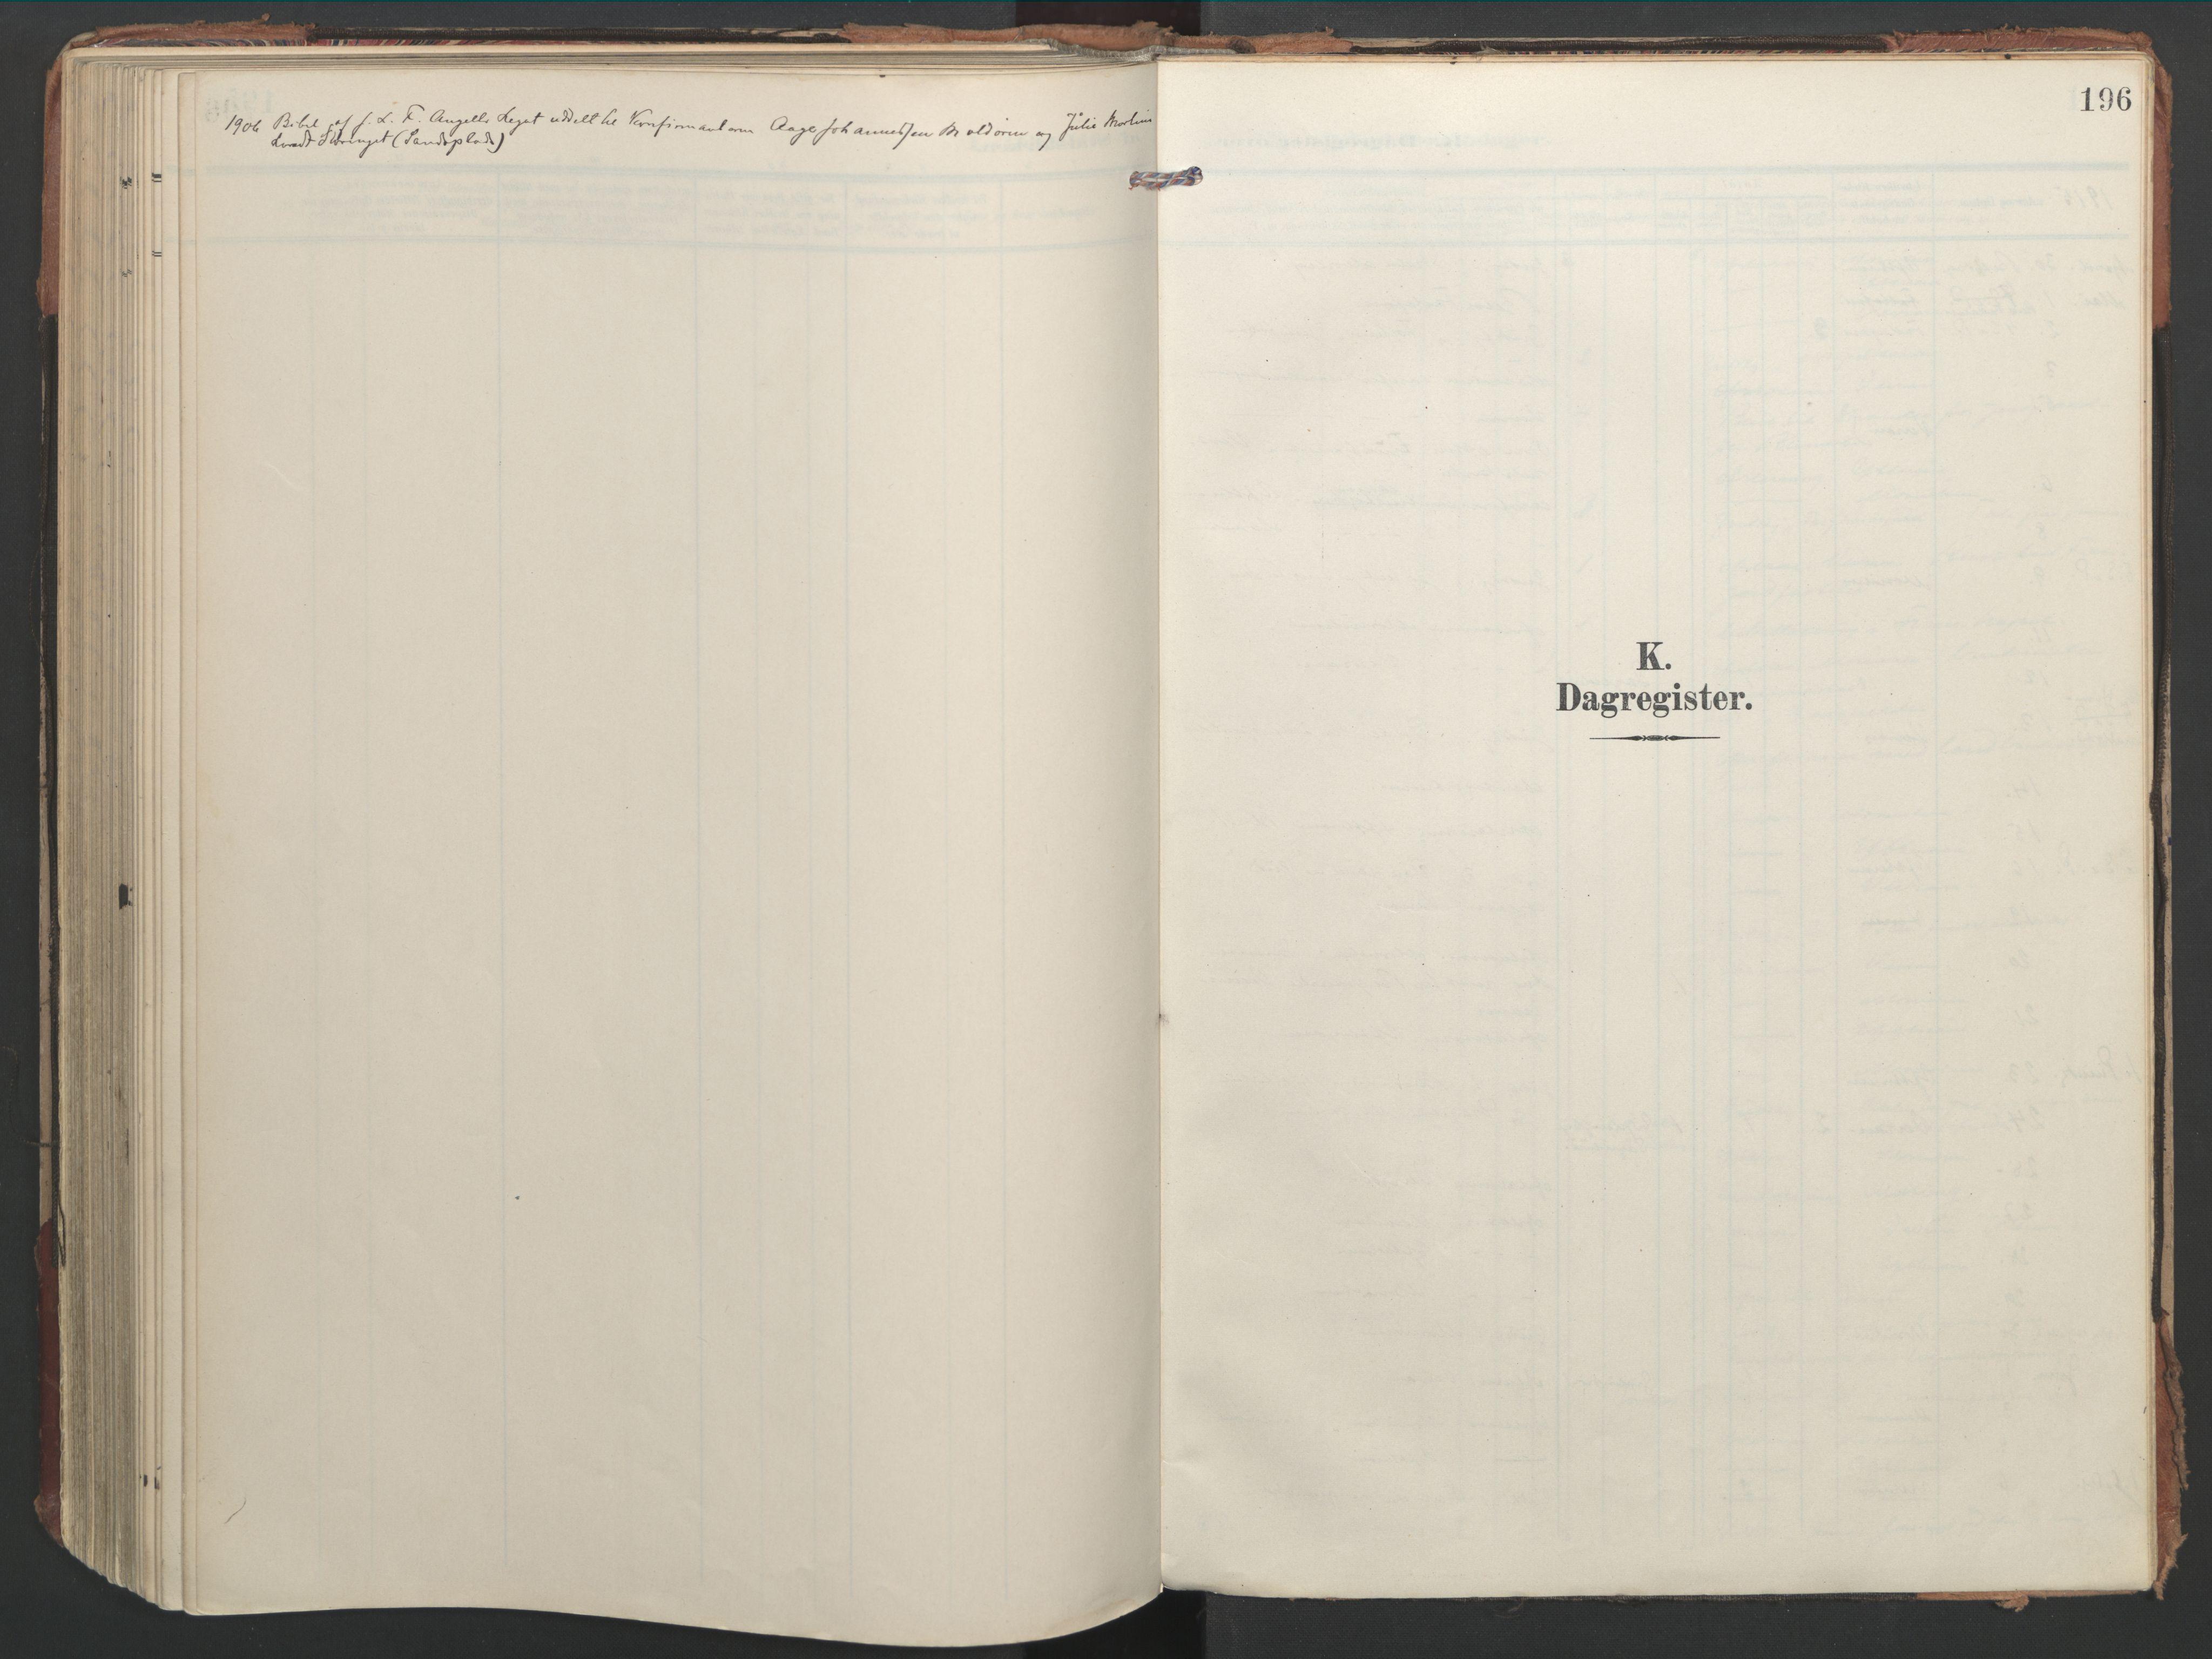 SAT, Ministerialprotokoller, klokkerbøker og fødselsregistre - Nord-Trøndelag, 744/L0421: Ministerialbok nr. 744A05, 1905-1930, s. 196